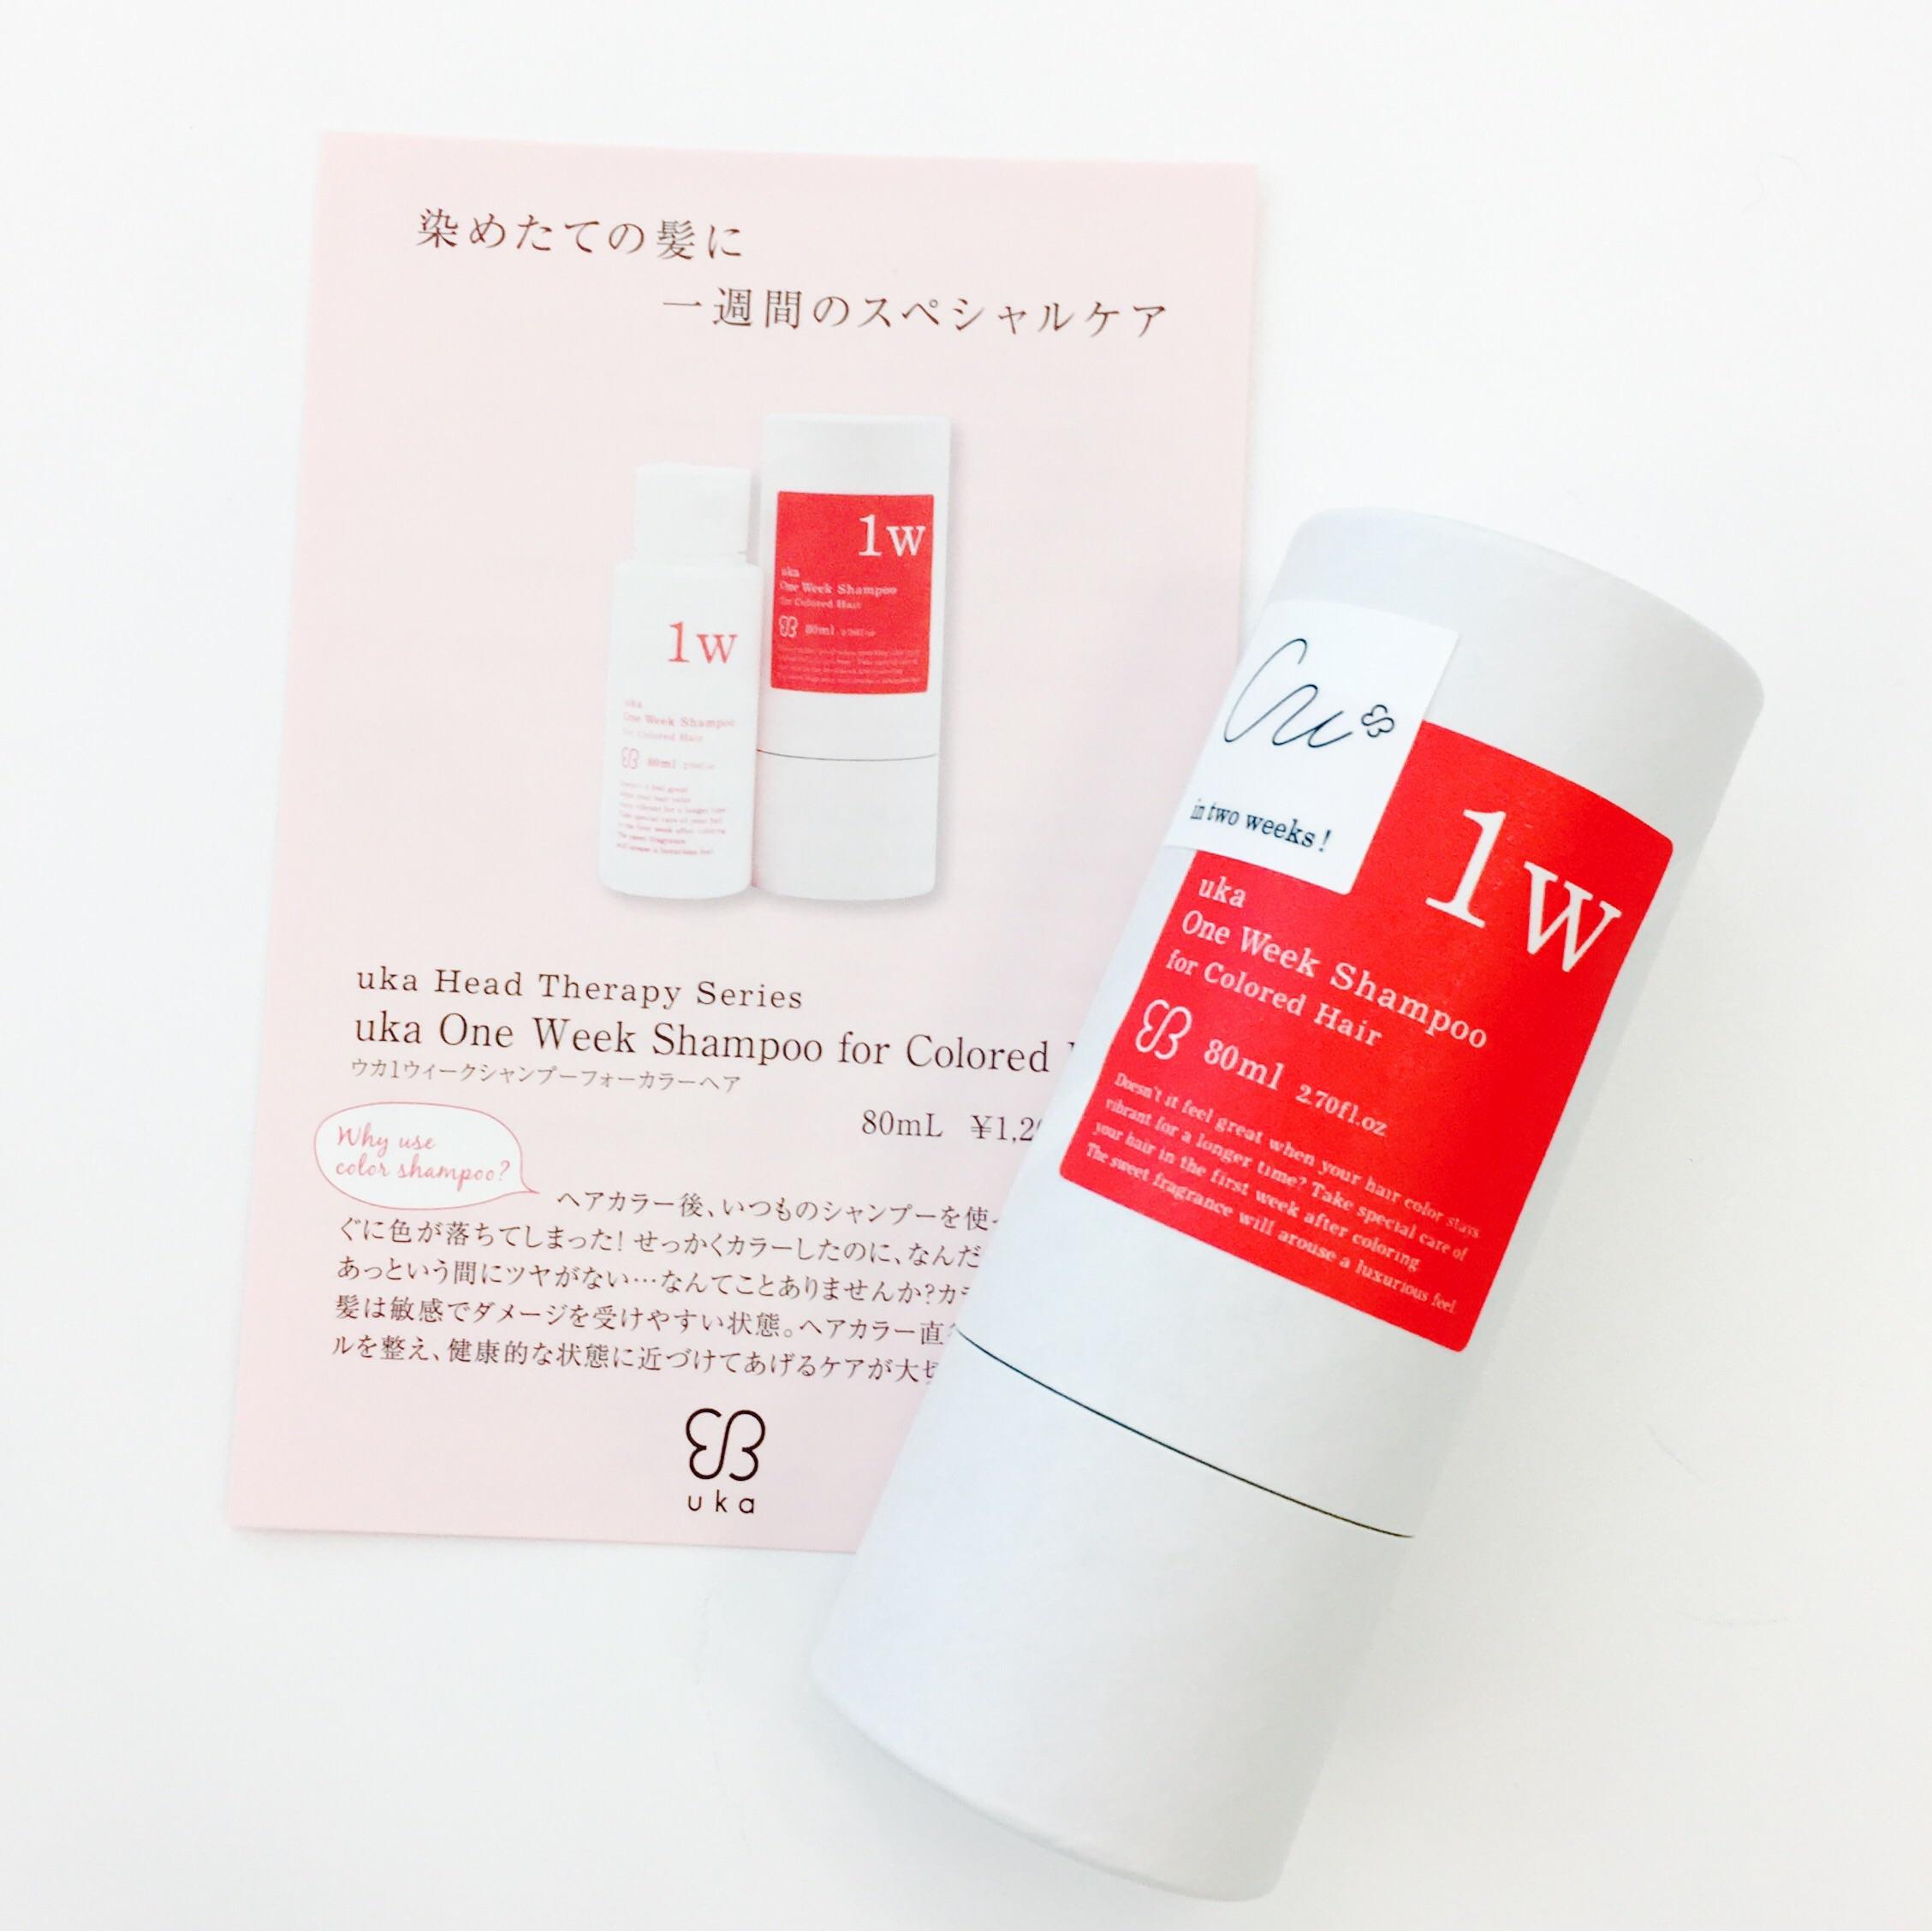 二子玉川に新しいビューティスポットが誕生!『Cu by uka』をさっそくチェック☆_4